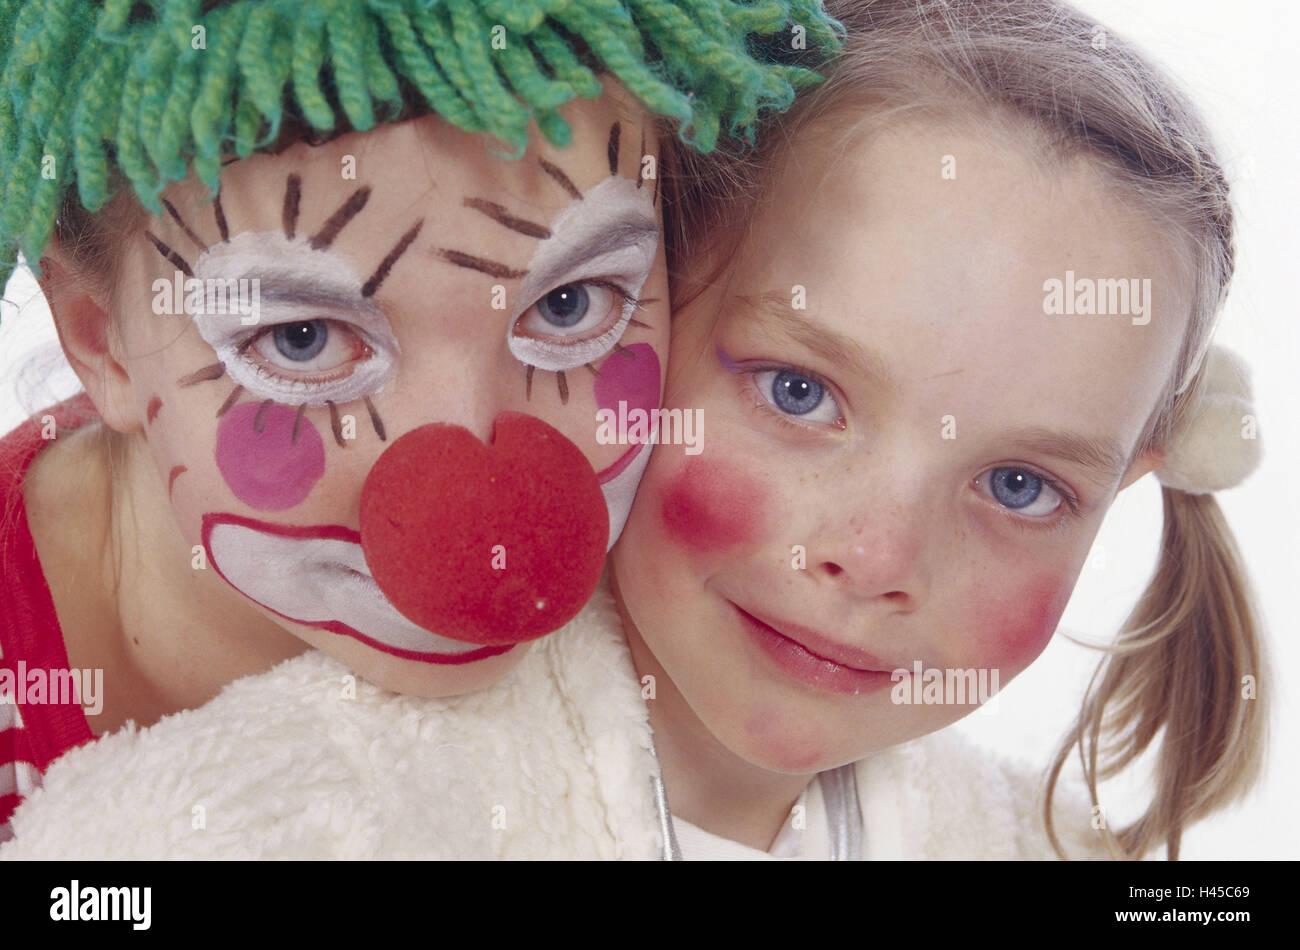 Karneval Kinder Zwei Futter Kostume Clown Prinzessin